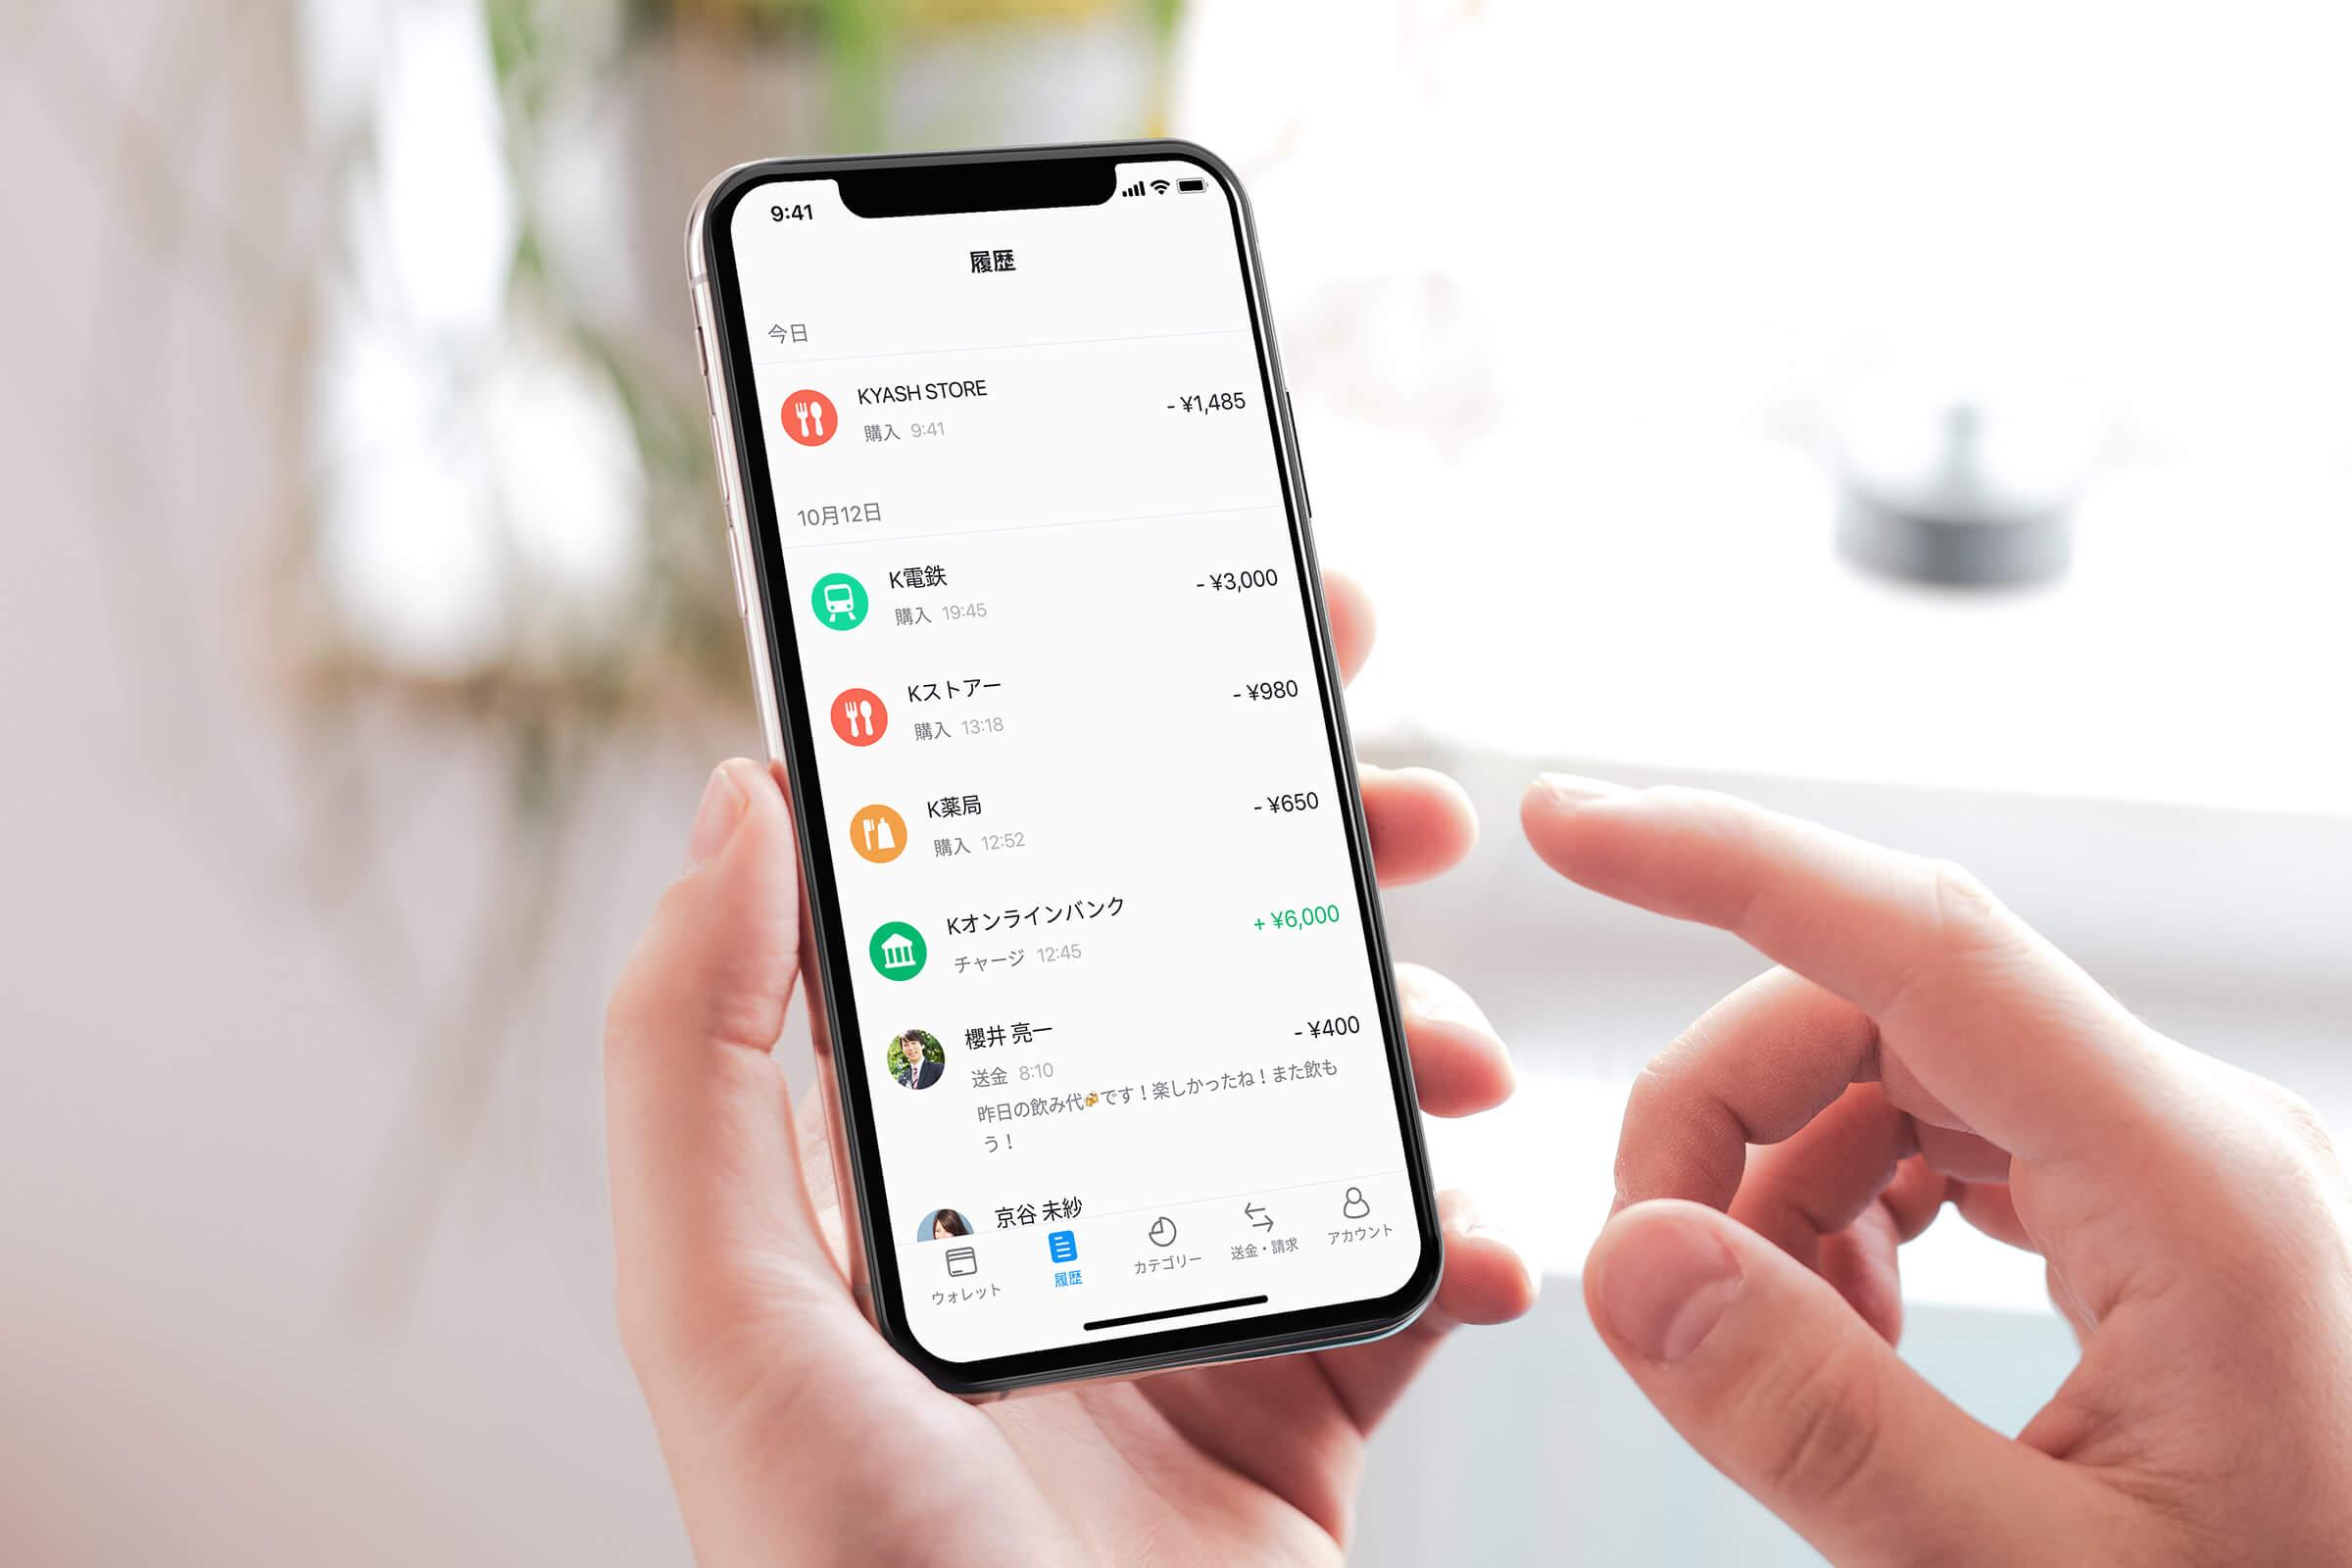 Kyashアプリの履歴機能UI リアルタイム反映でいつなにに使ったらすぐわかる